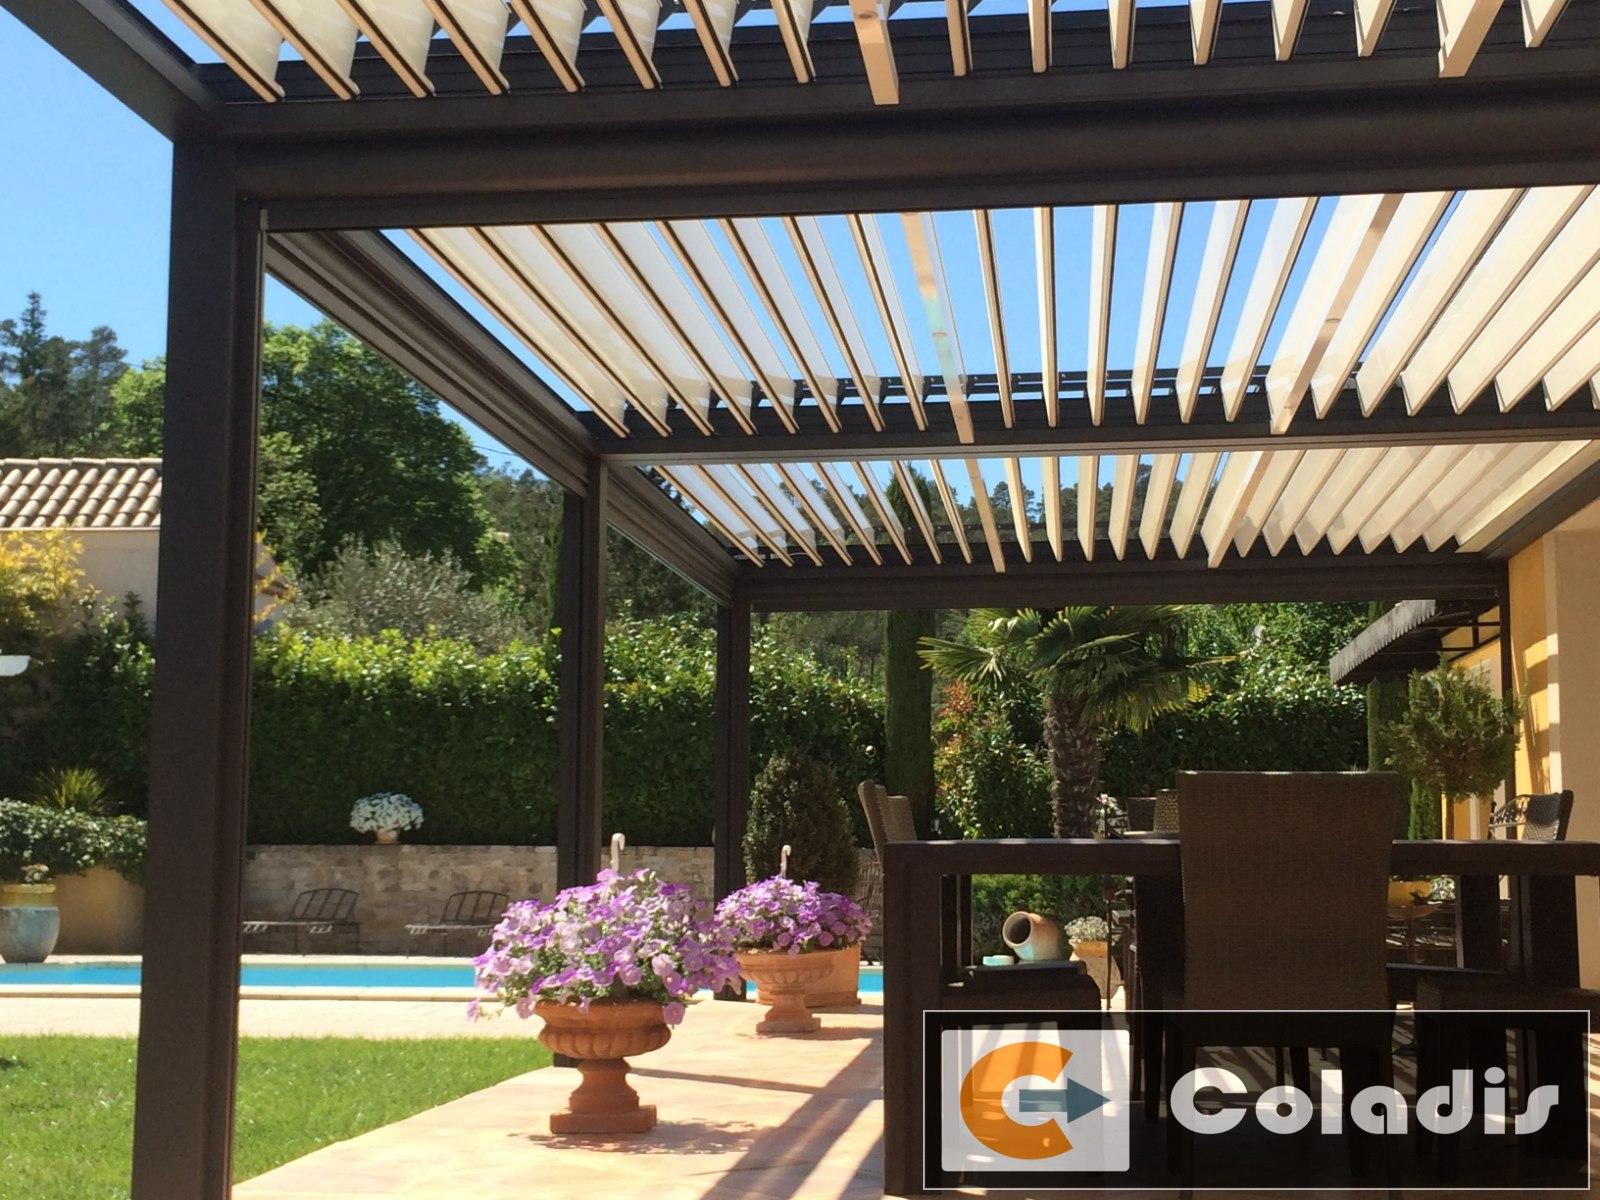 Coladis bioclimatique aluminium lames orientables